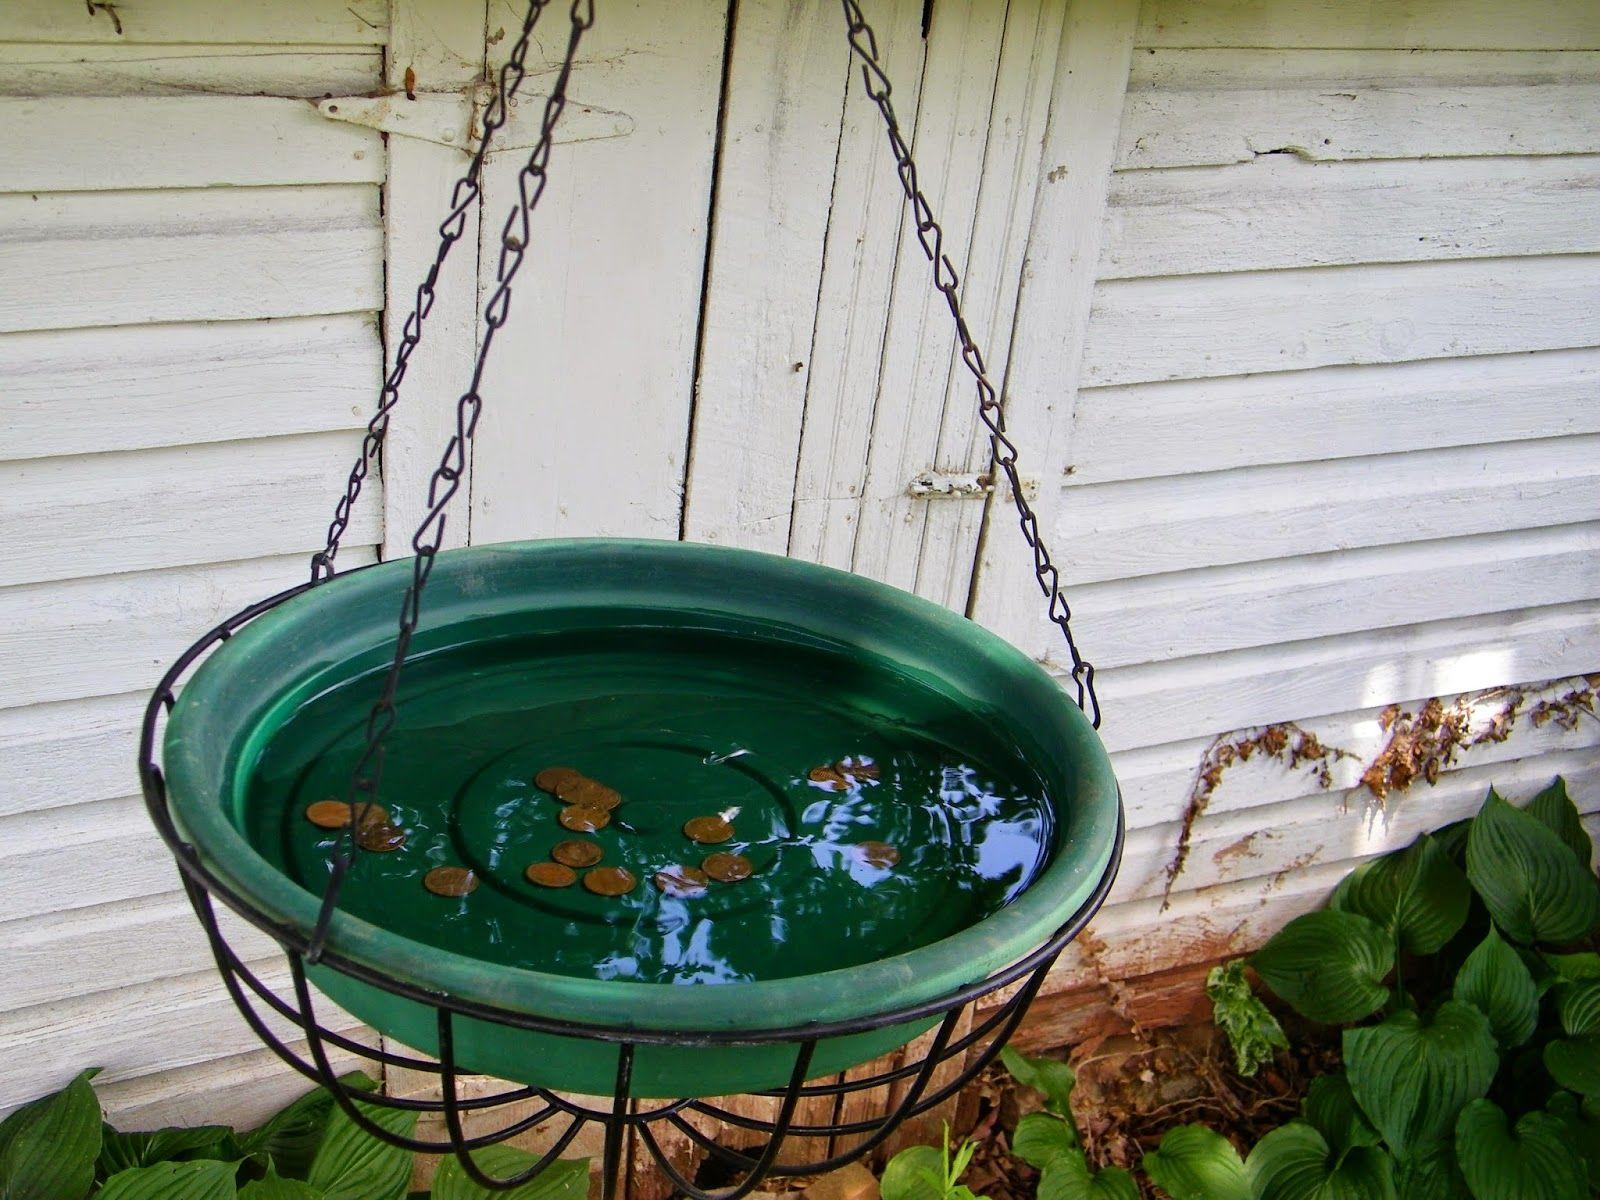 Unique bird baths diy bird bath ideas - Window Bird Bath